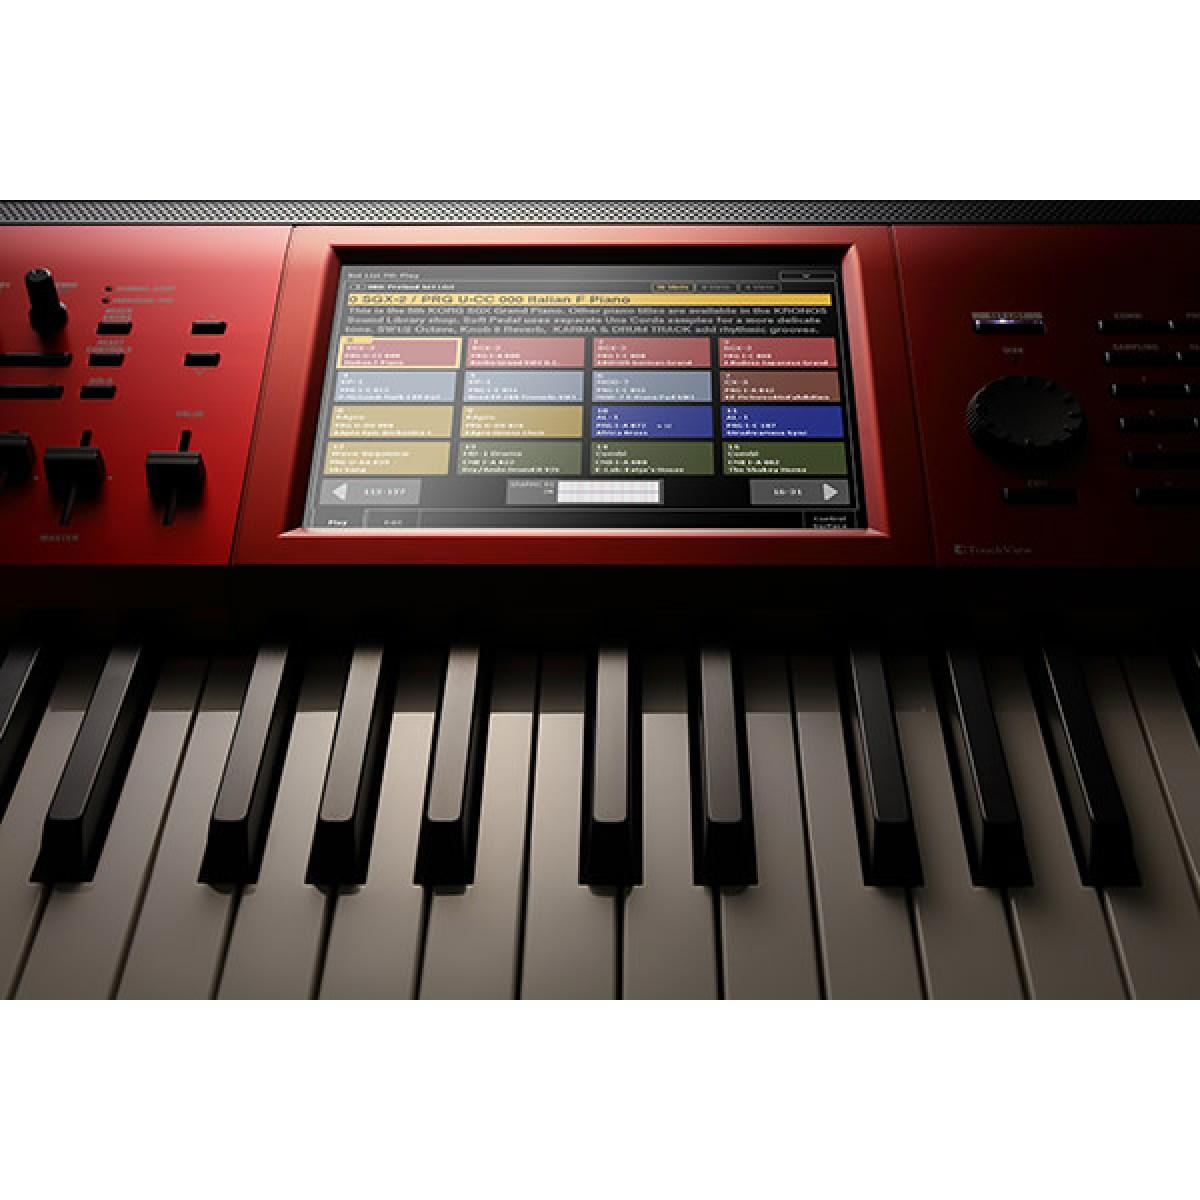 KORG KRONOS-2 SE-61 MUSIC WORKSTATION-Limited Edition